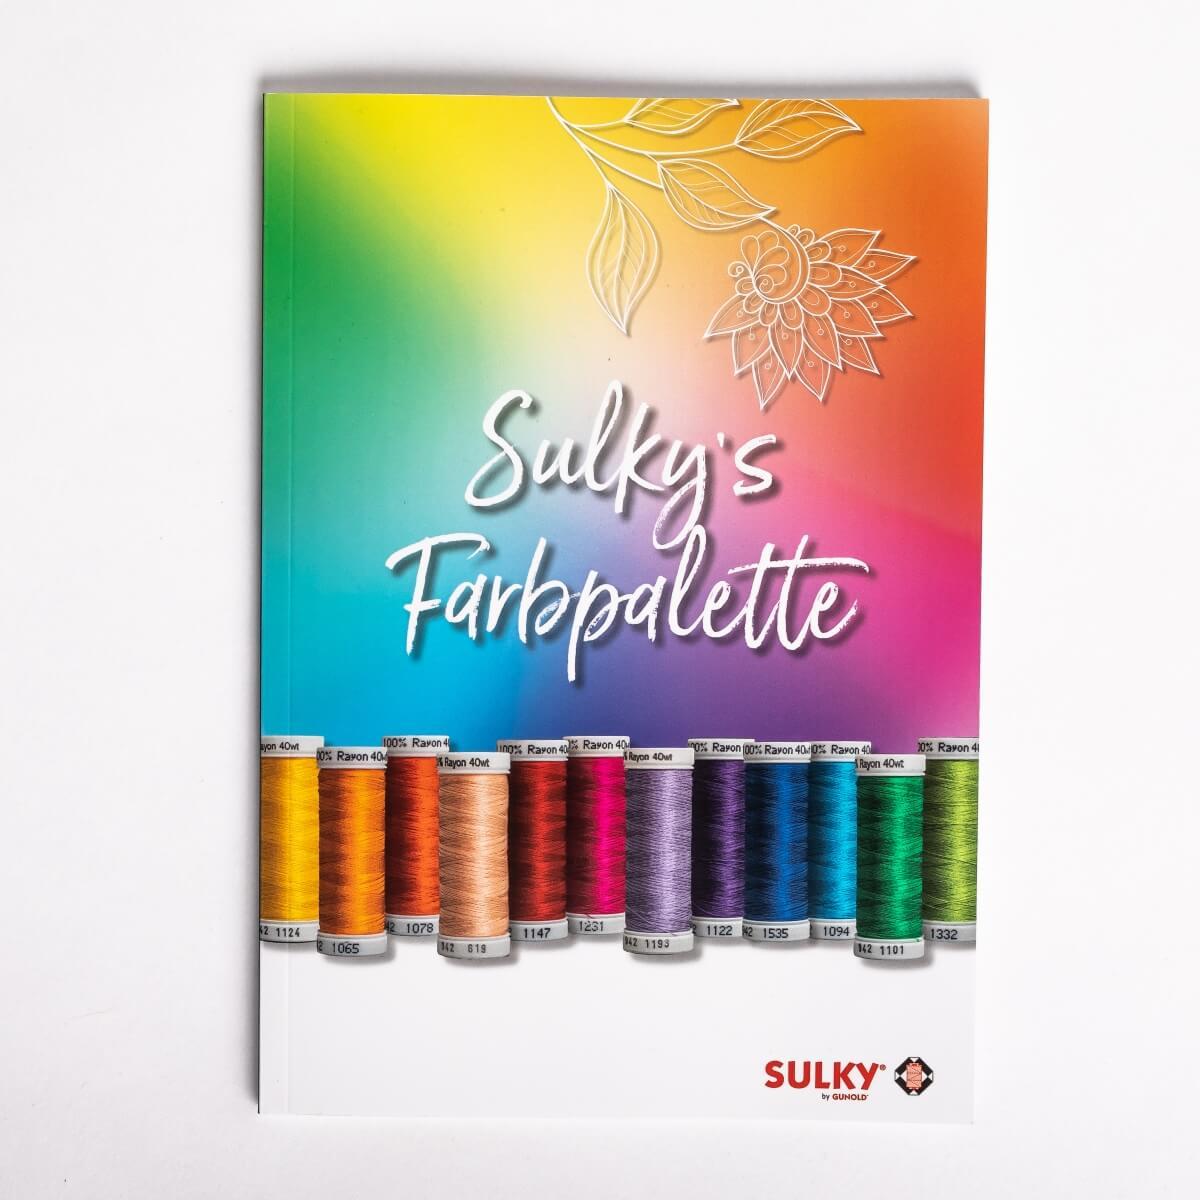 SULKY´s Farbpalette - 60 Seiten Booklet